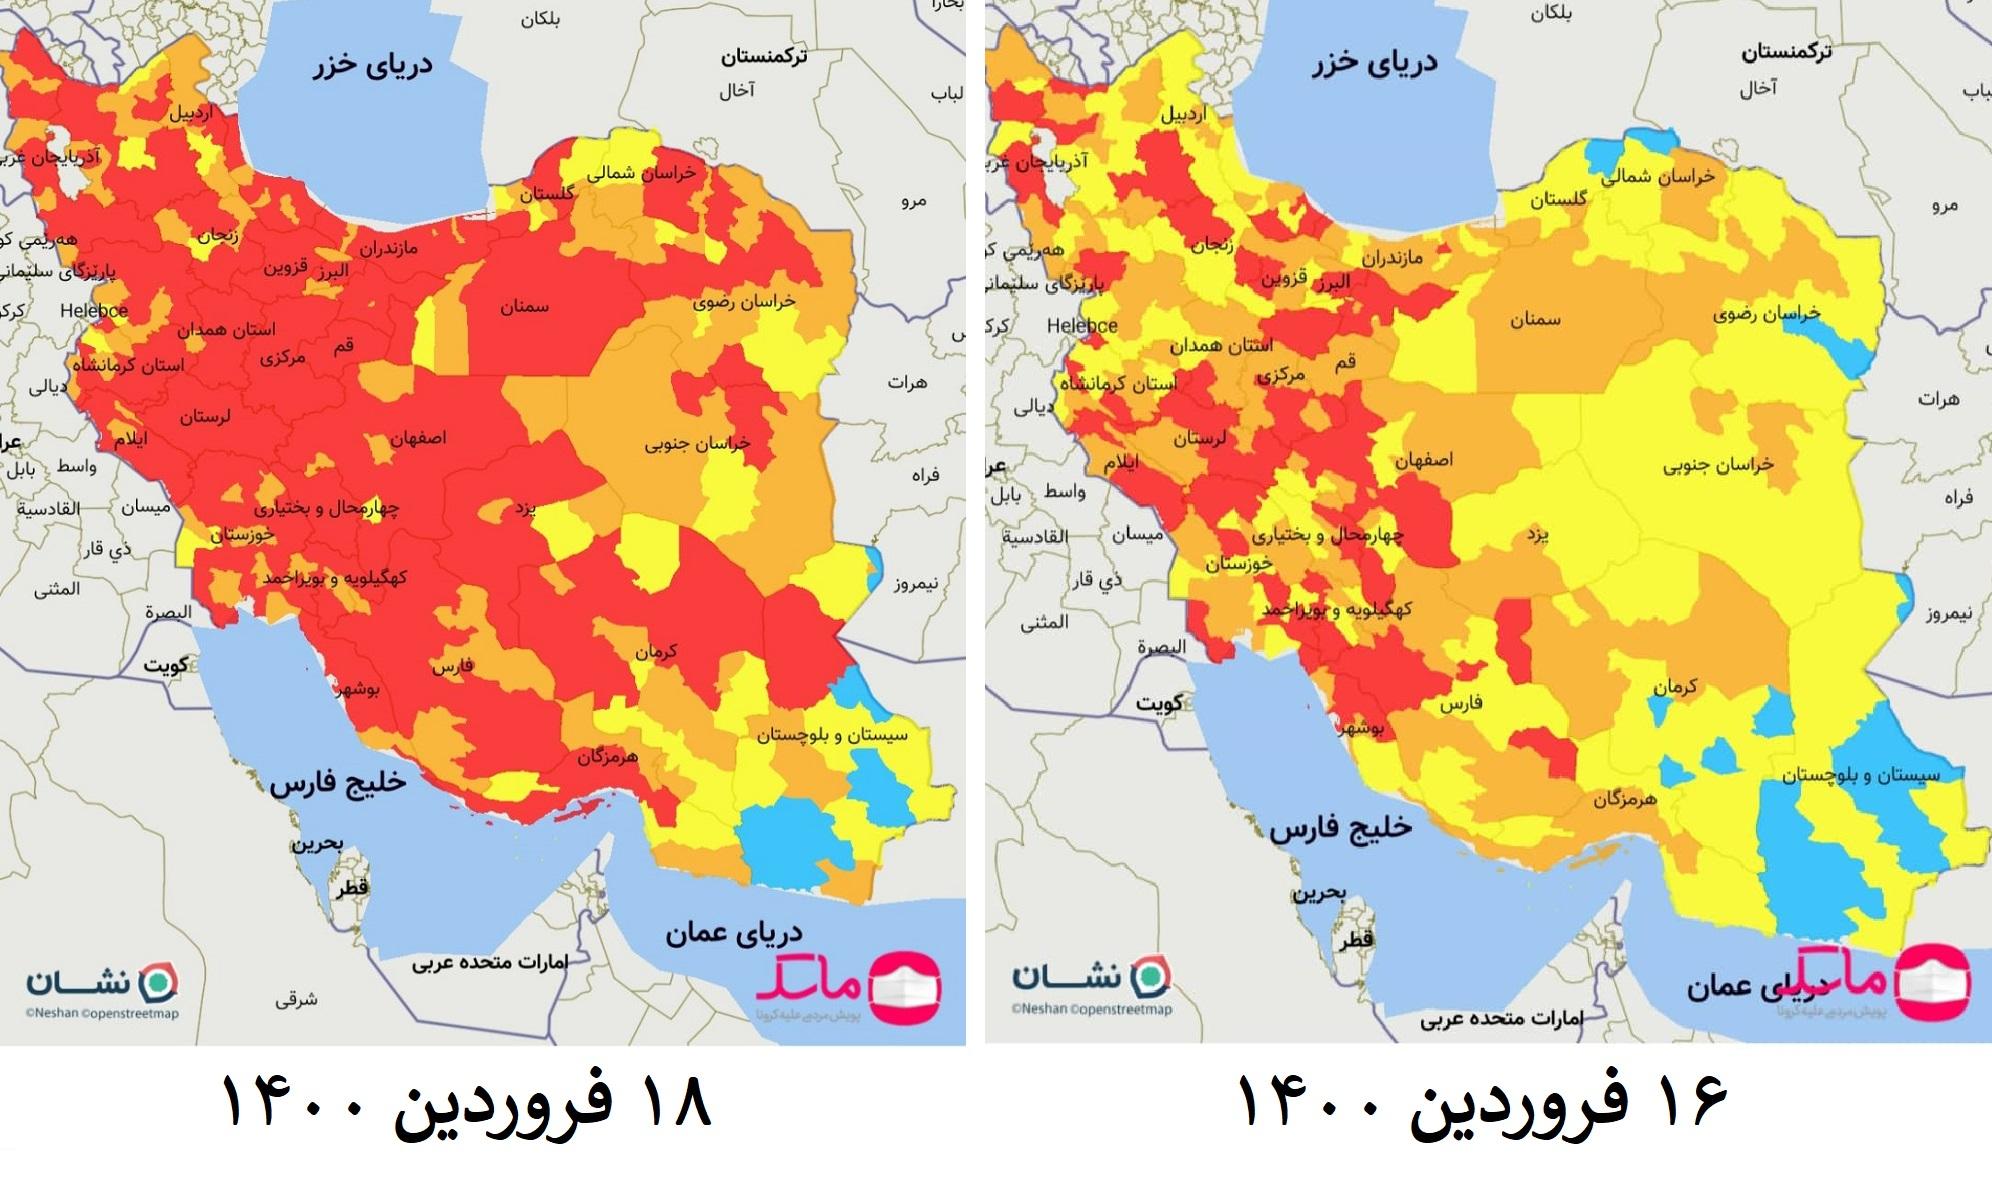 جهش شهرهای قرمز از ۸۸ به ۲۵۷ شهر؛ نقشه رنگ بندی کرونایی «قرمز» شد!